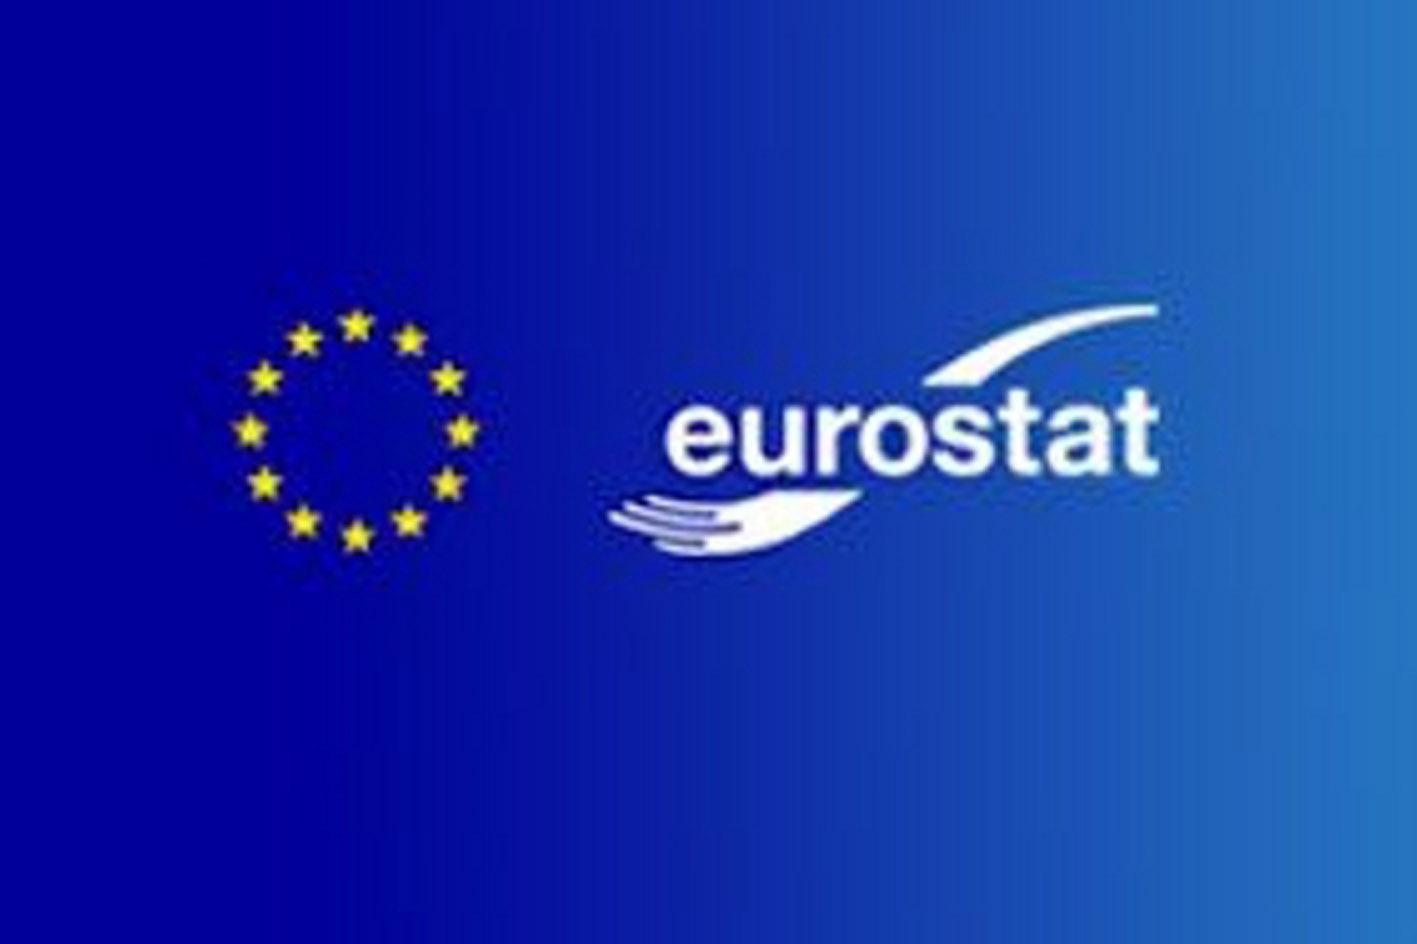 Eurostat-22.jpg